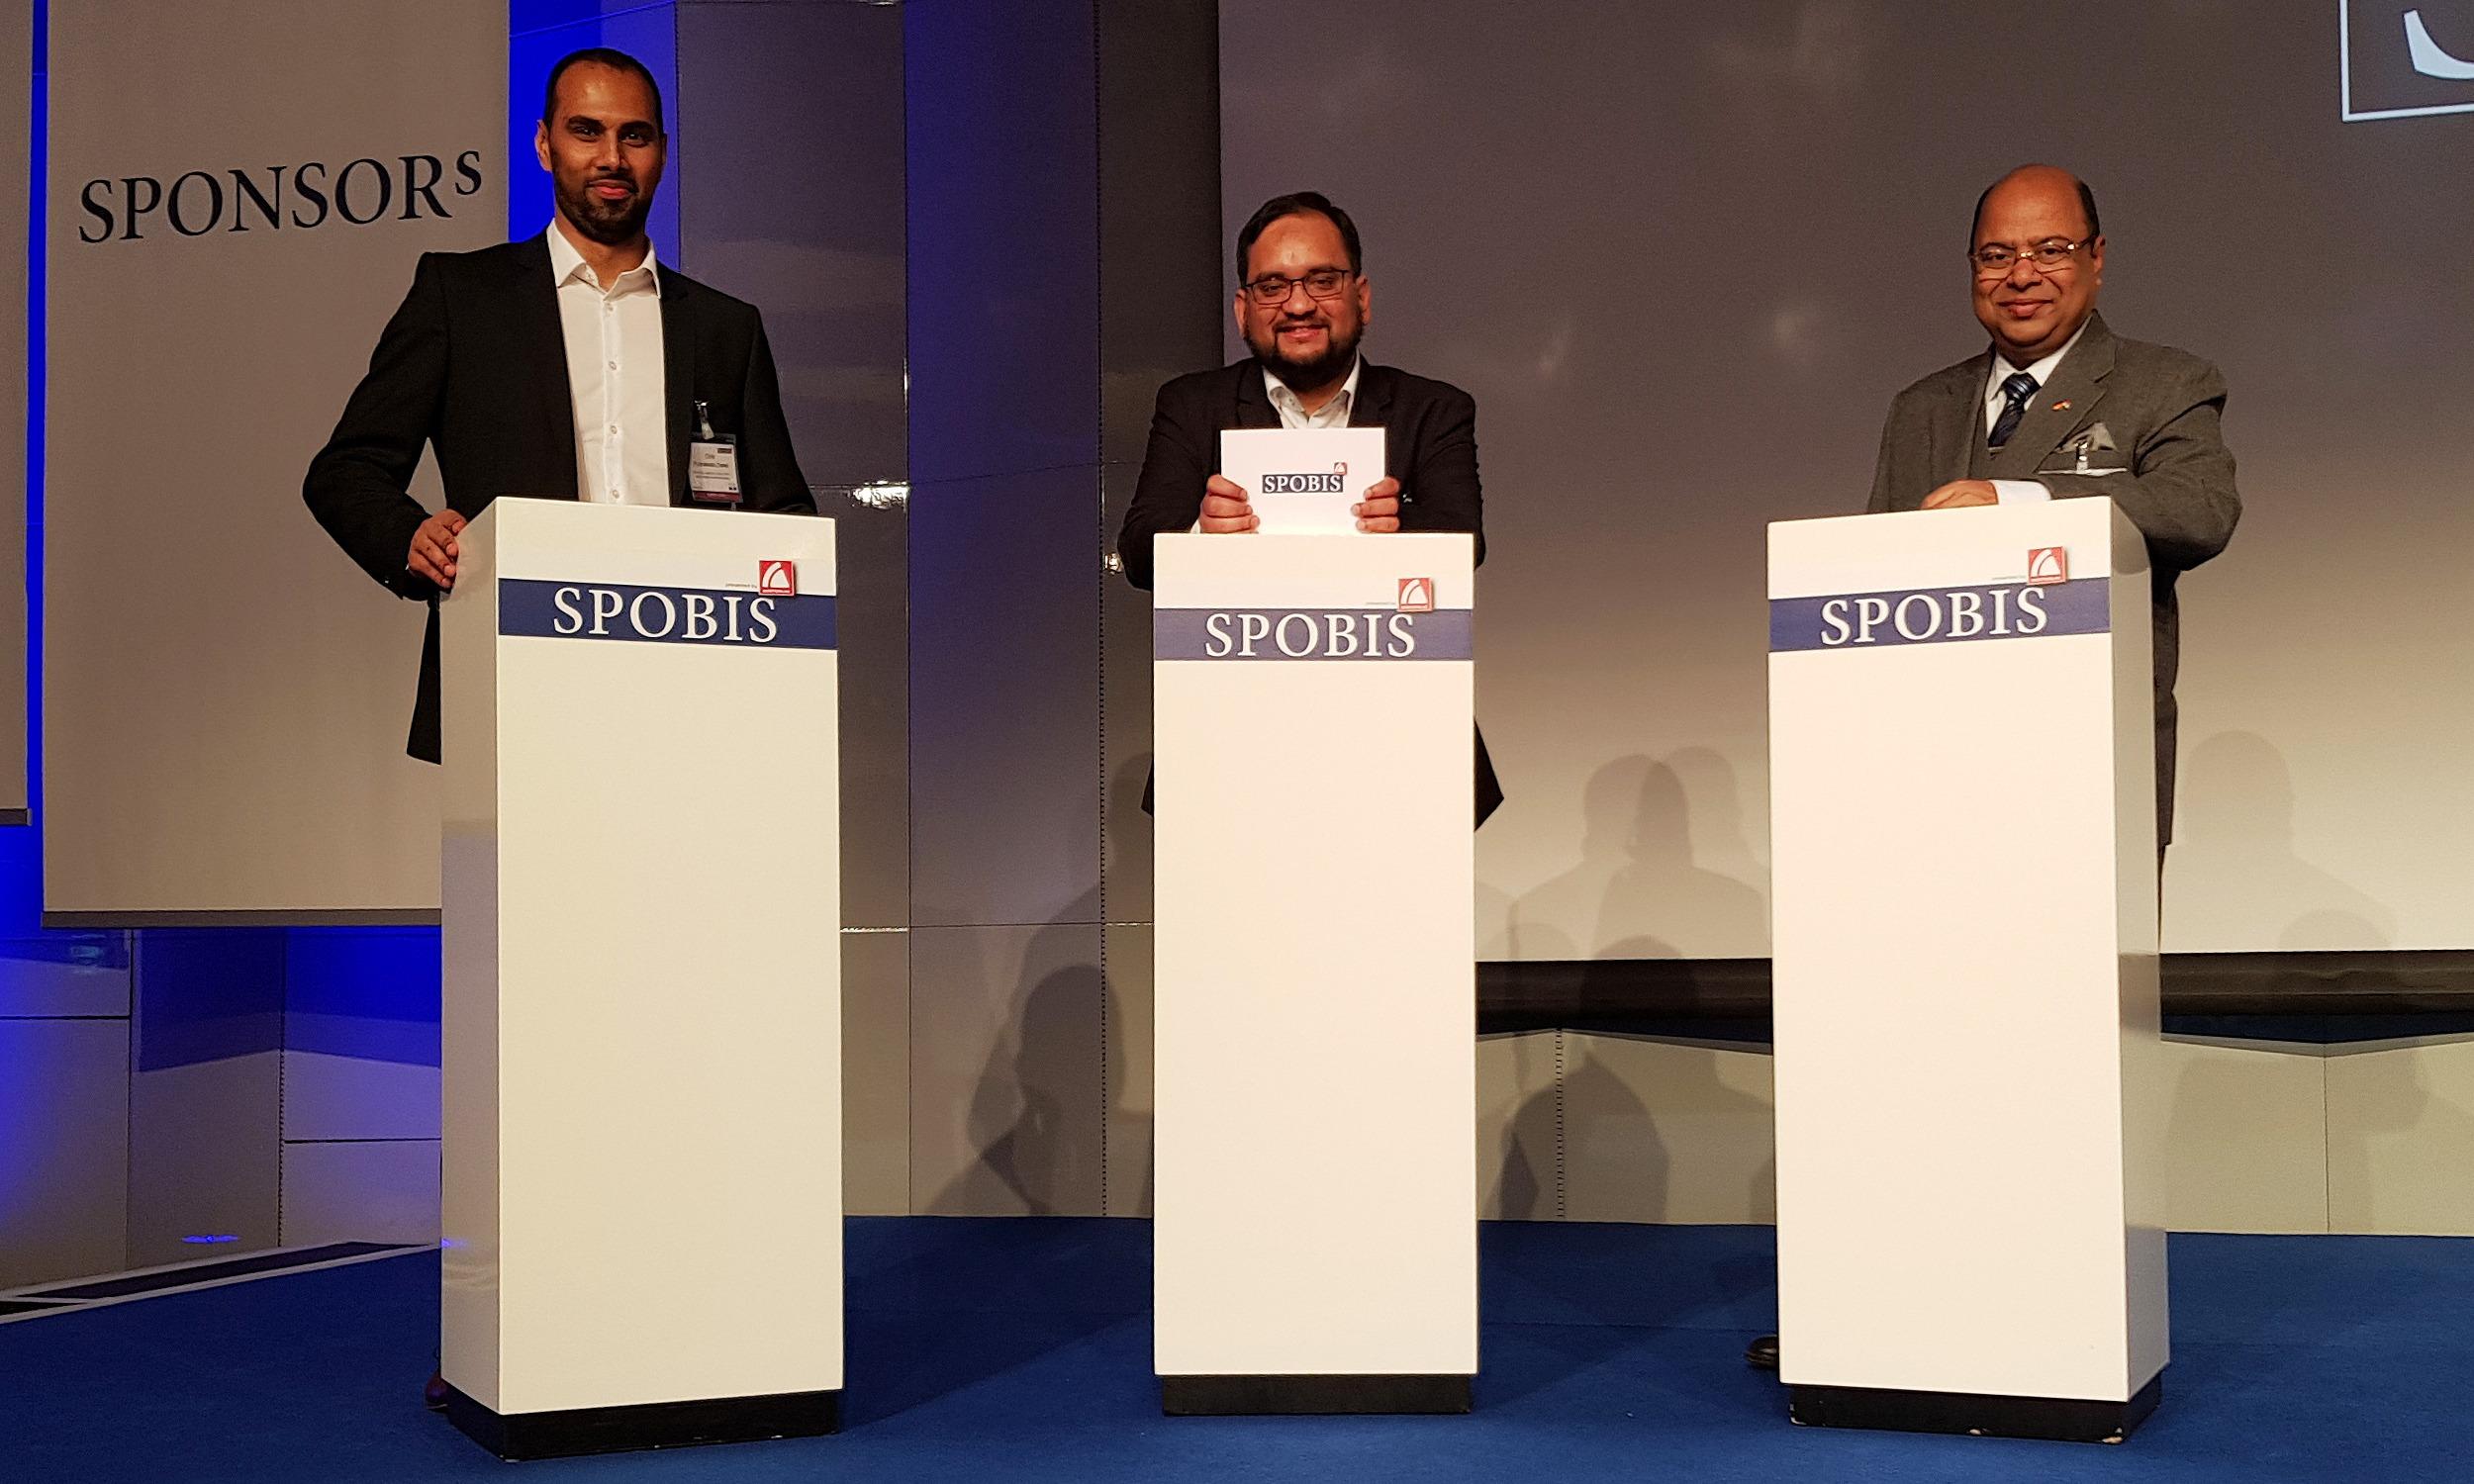 Chris Punnakkattu Daniel, Arunava Chaudhuri and Subrata Dutta at SPOBIS 2018 in Düsseldorf, Germany. (© arunfoot / CPD Football)